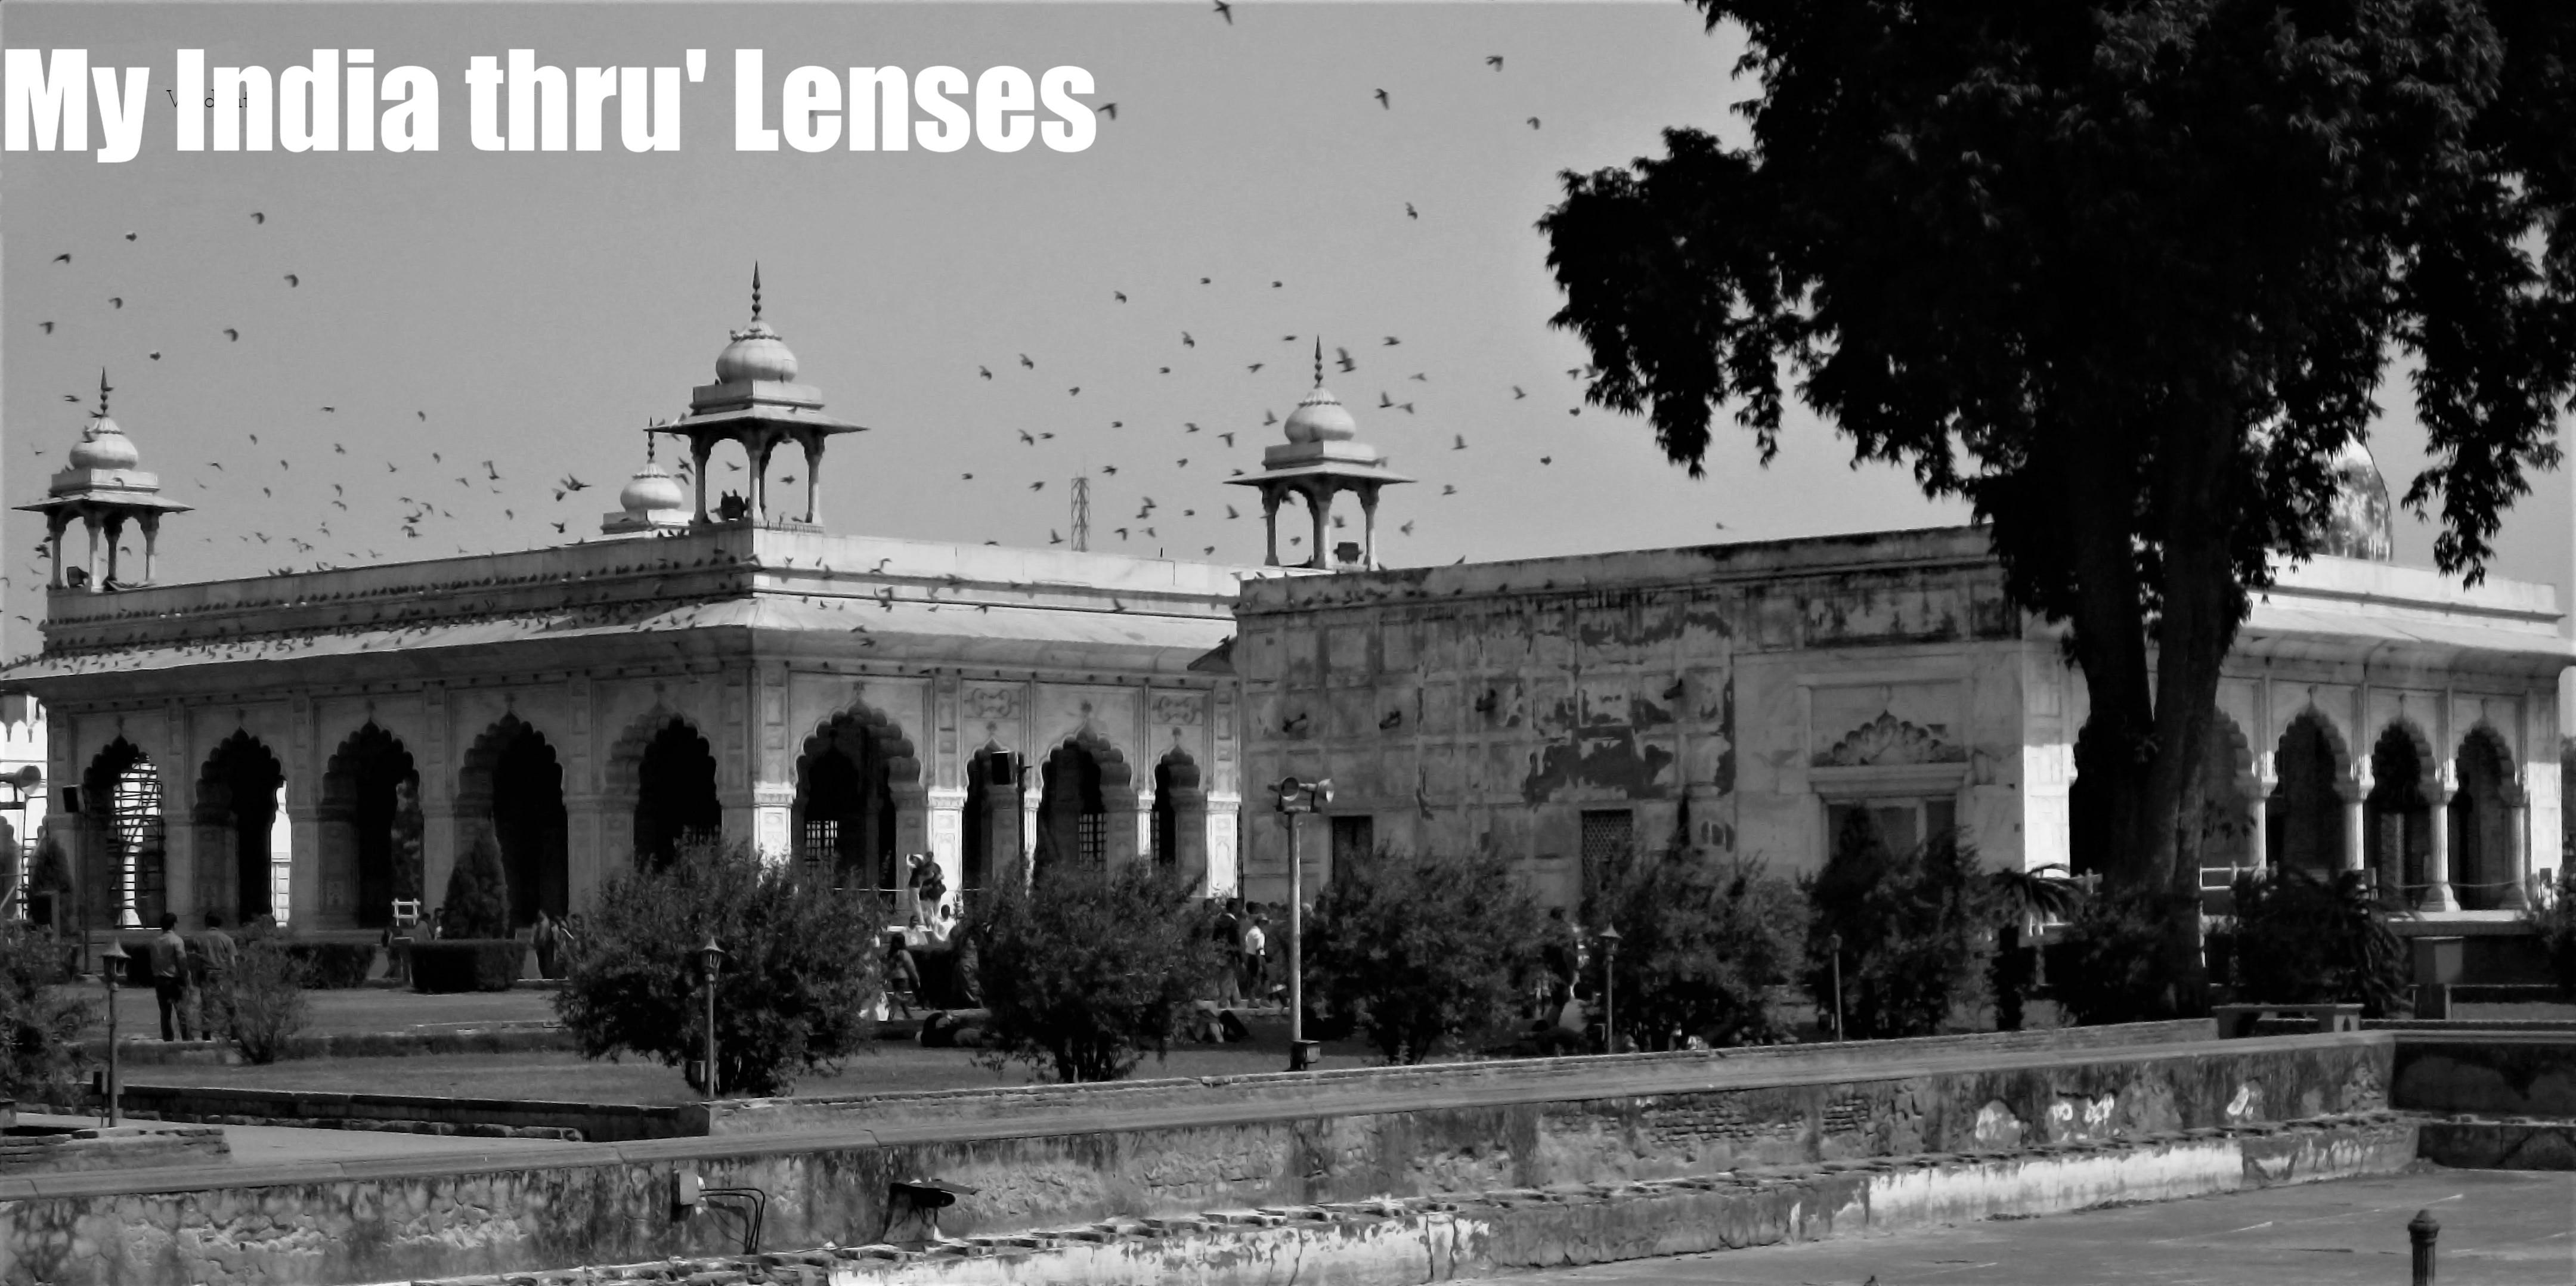 My India thru' Lenses